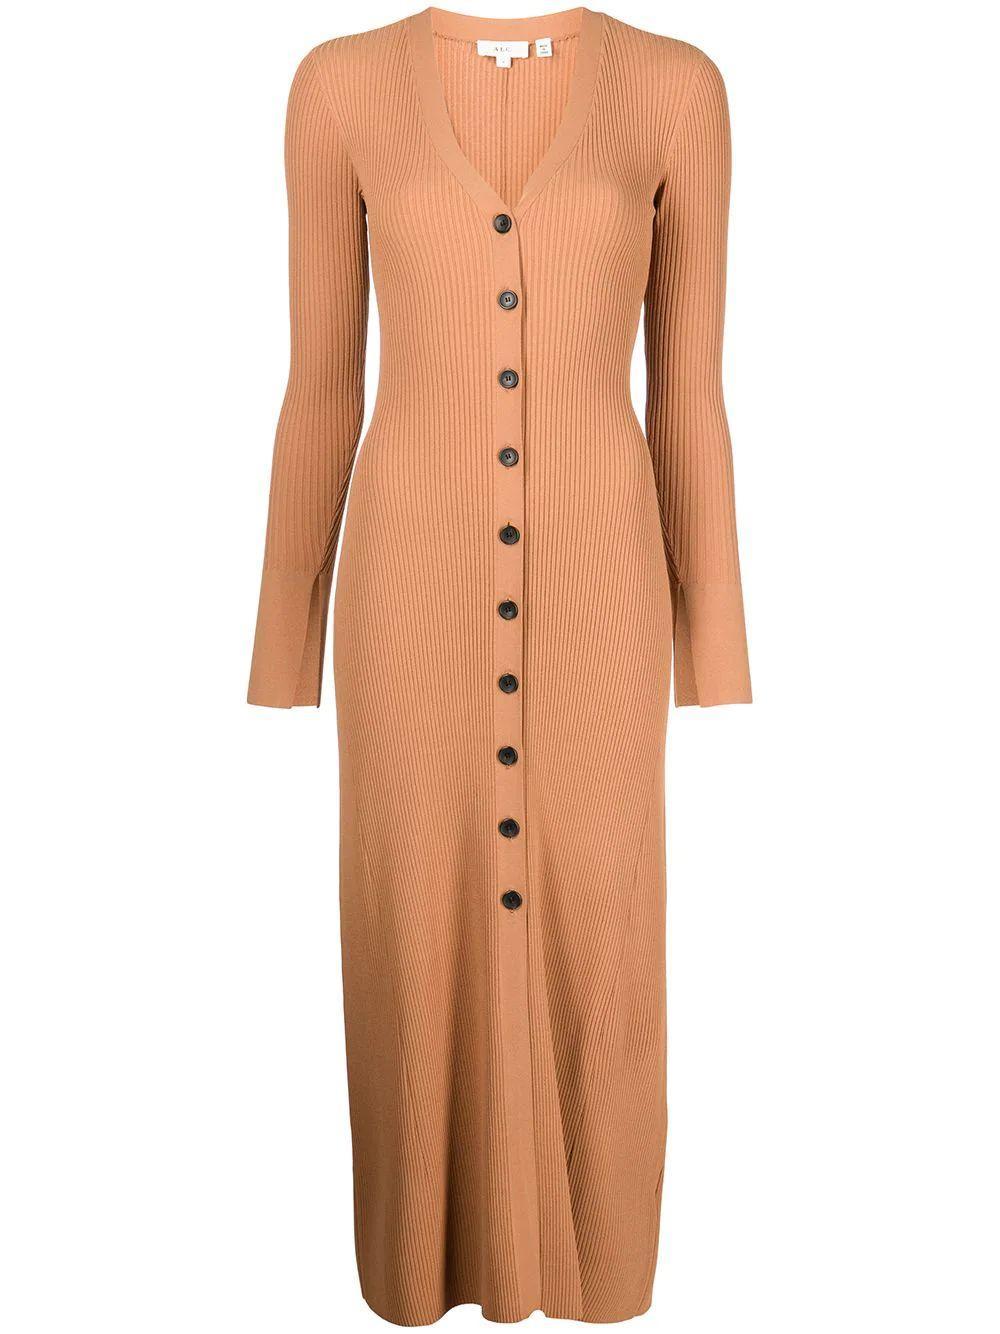 Tamara Button Front Knit Dress